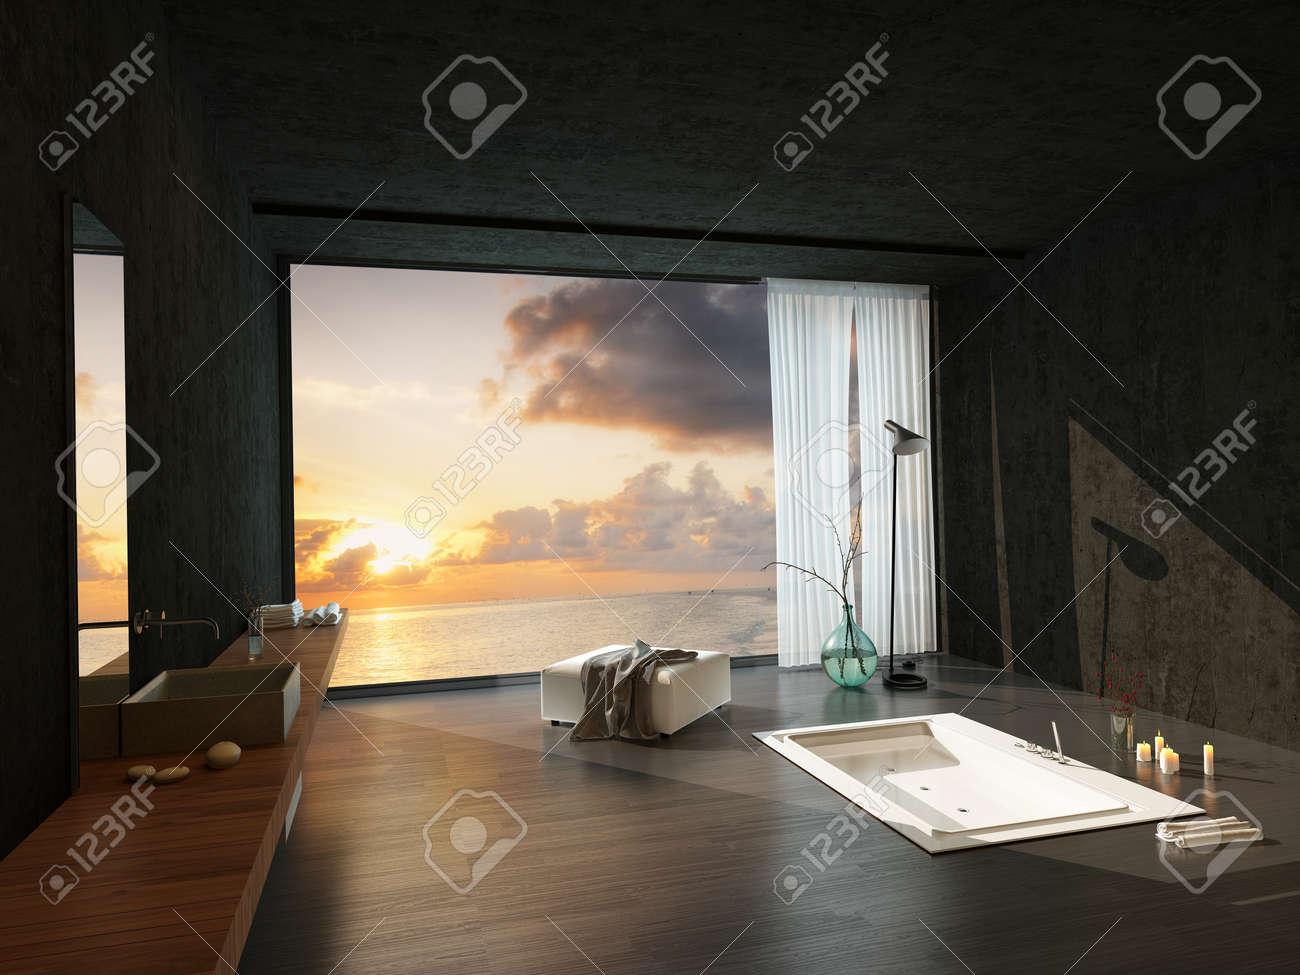 archivio fotografico vasca incassata in un bagno di lusso moderno con un tramonto colorato visibile attraverso la grande finestra